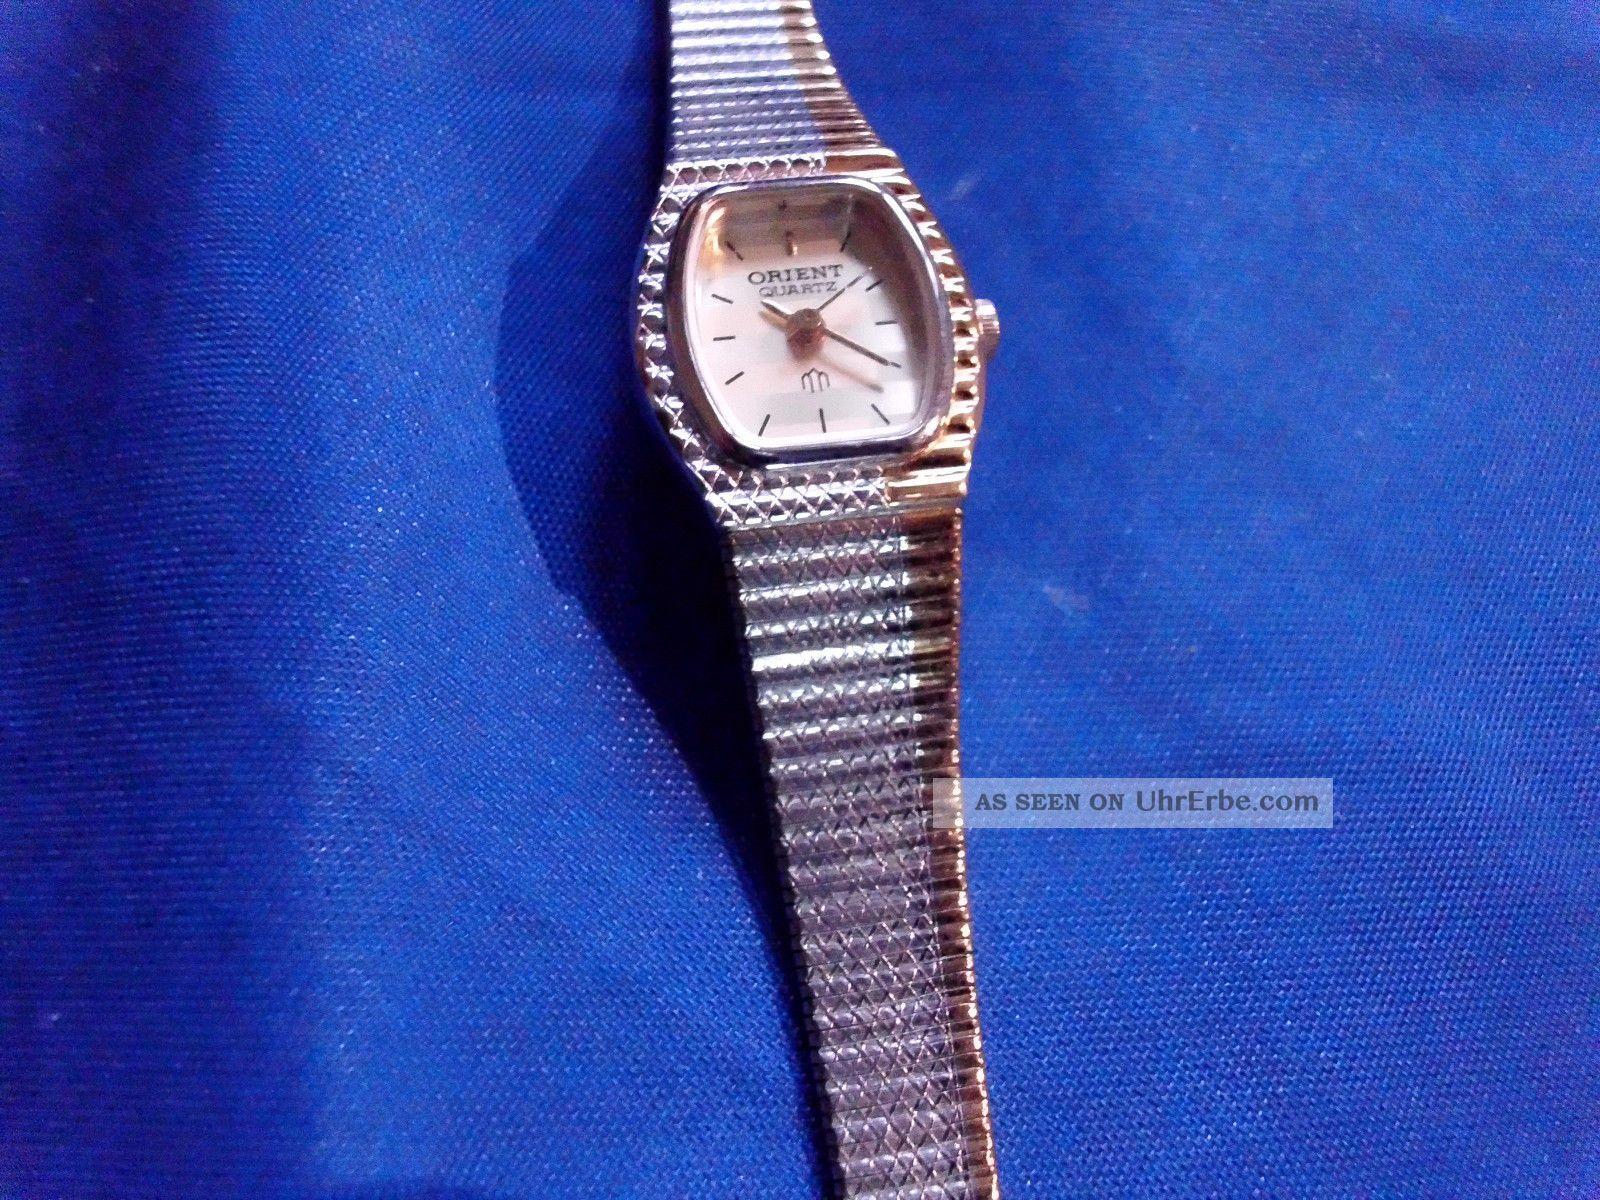 Wunderschöne Orient Damenuhr Quarz Sportlich Elegant.  An Bastler Und Liebhaber Armbanduhren Bild